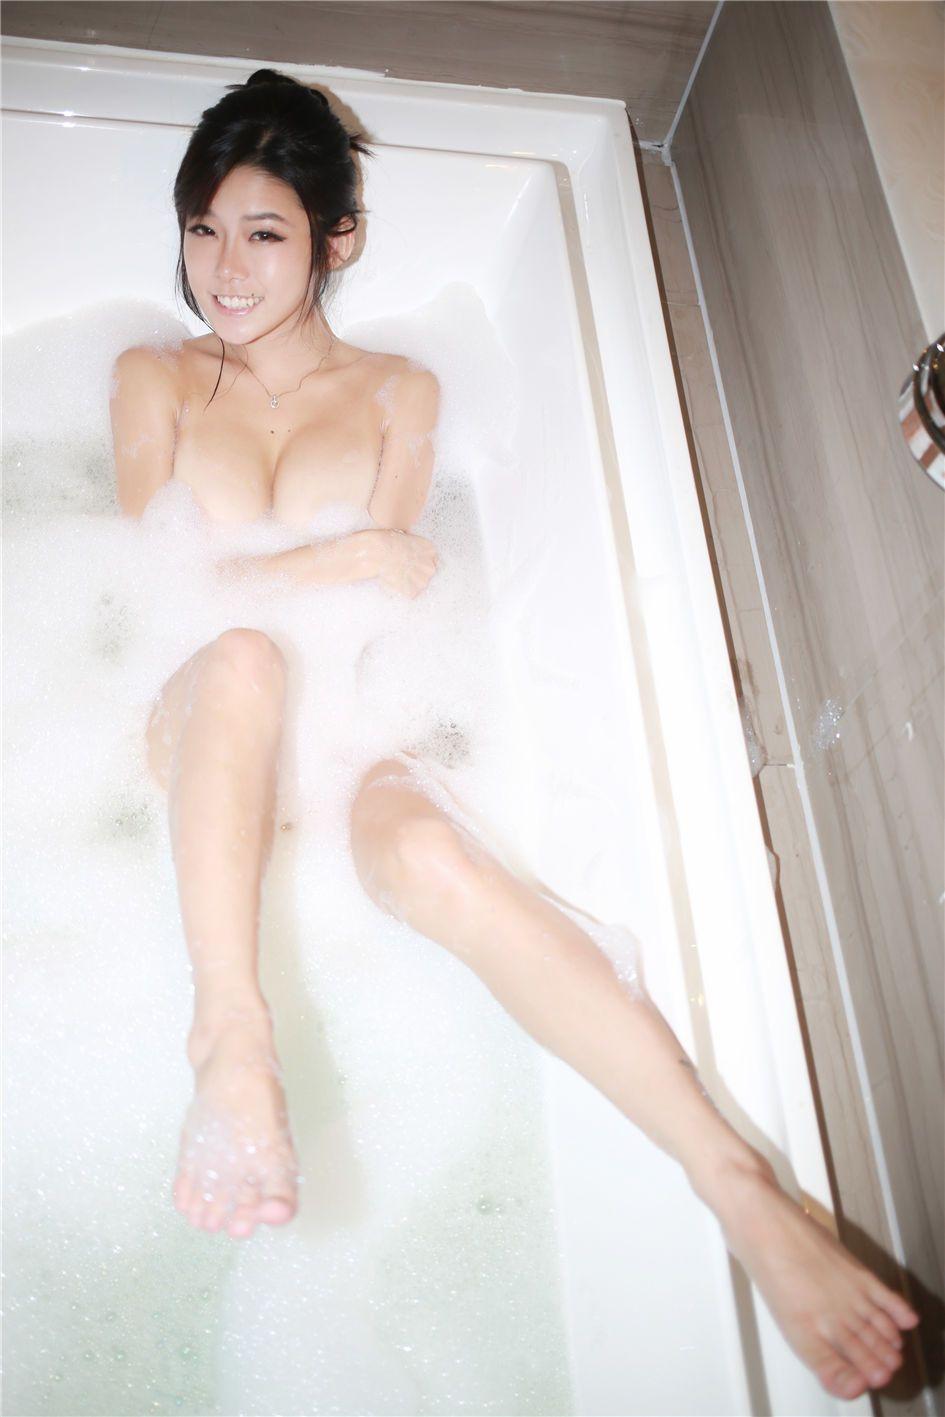 乳贴美女luvian浴室无内泡沫大胆写真(点击浏览下一张趣图)